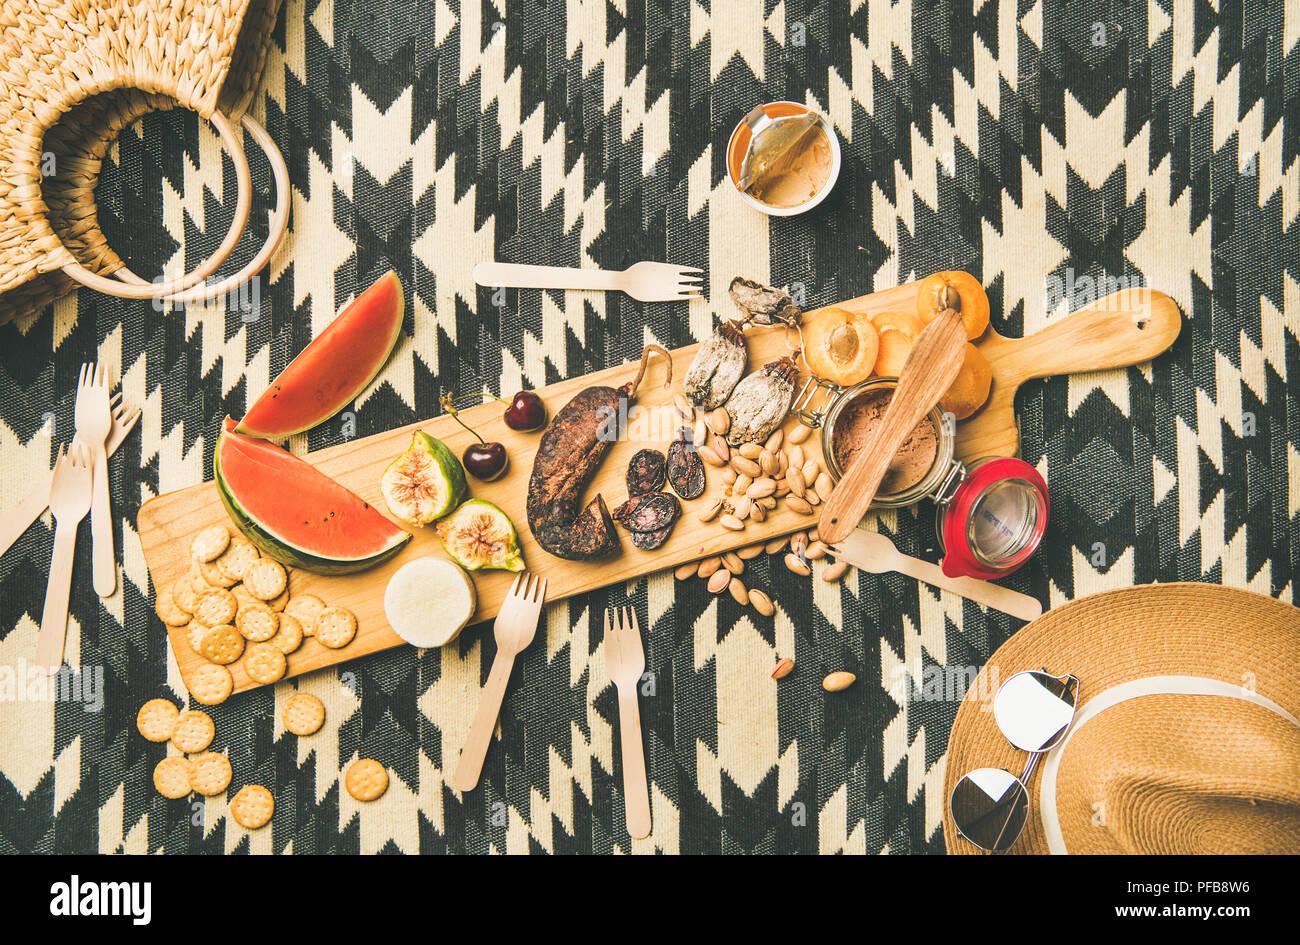 Concept de pique-nique avec de la saucisse, fruits, noix, fromage et pate Photo Stock